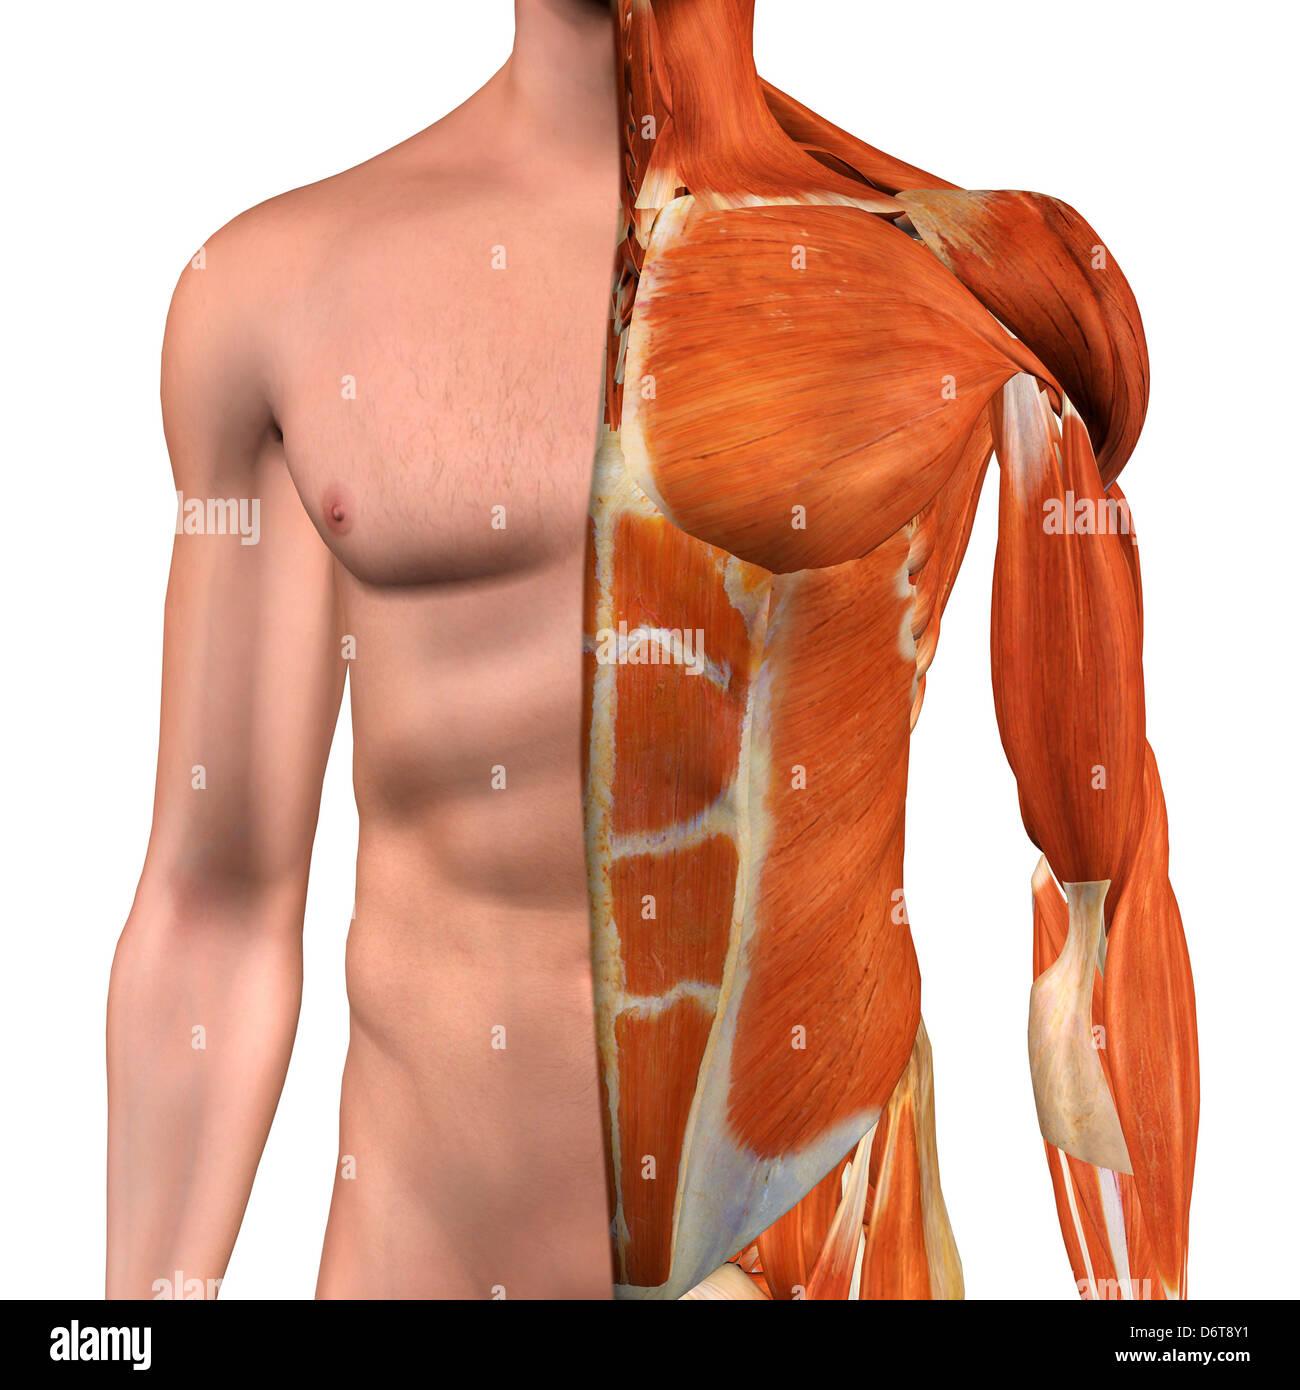 Sección transversal de la Anatomía del pecho masculino , el abdomen ...